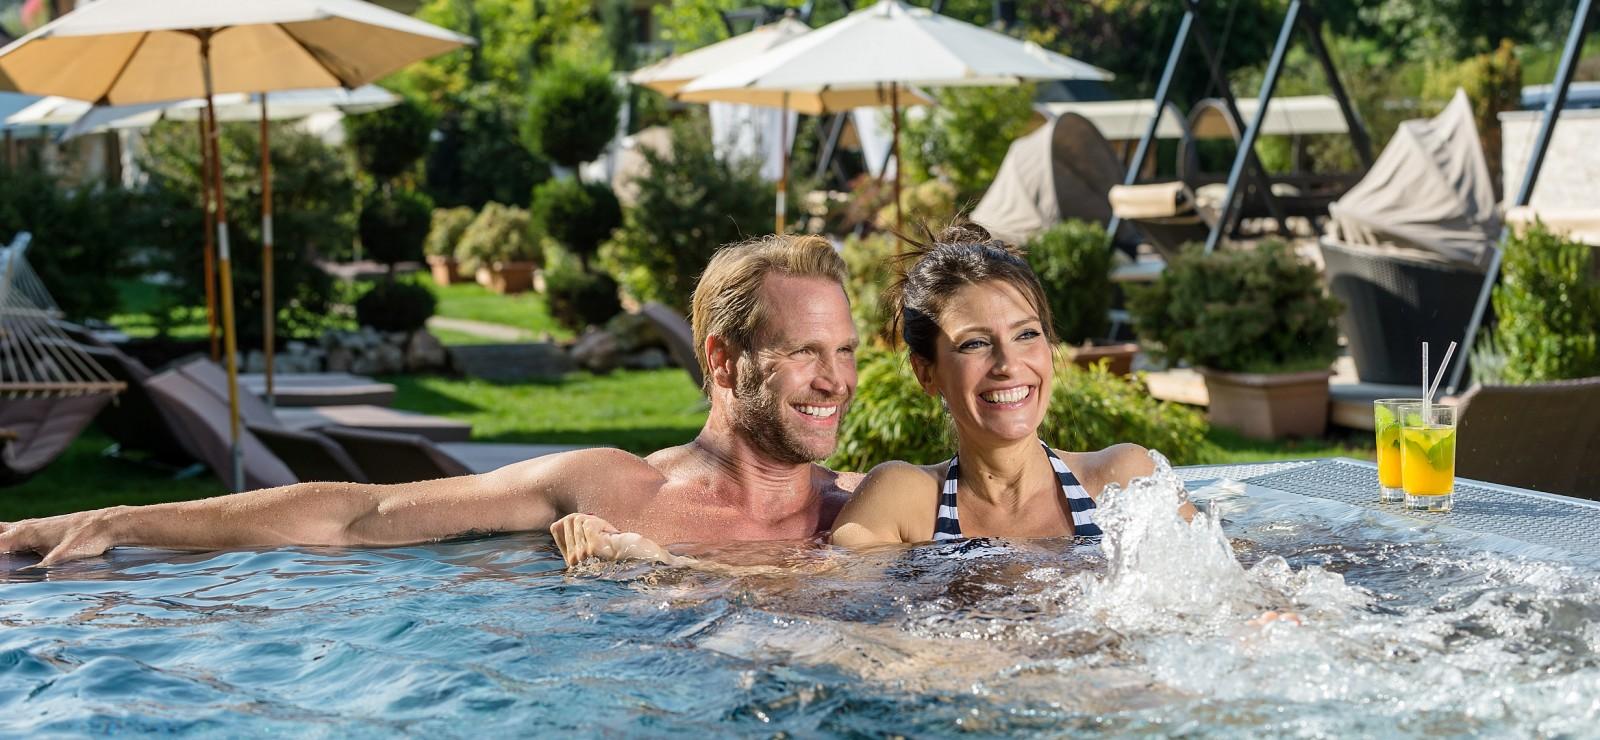 Hotel Winzer Wellness & Kuscheln Bilder | Bild 1